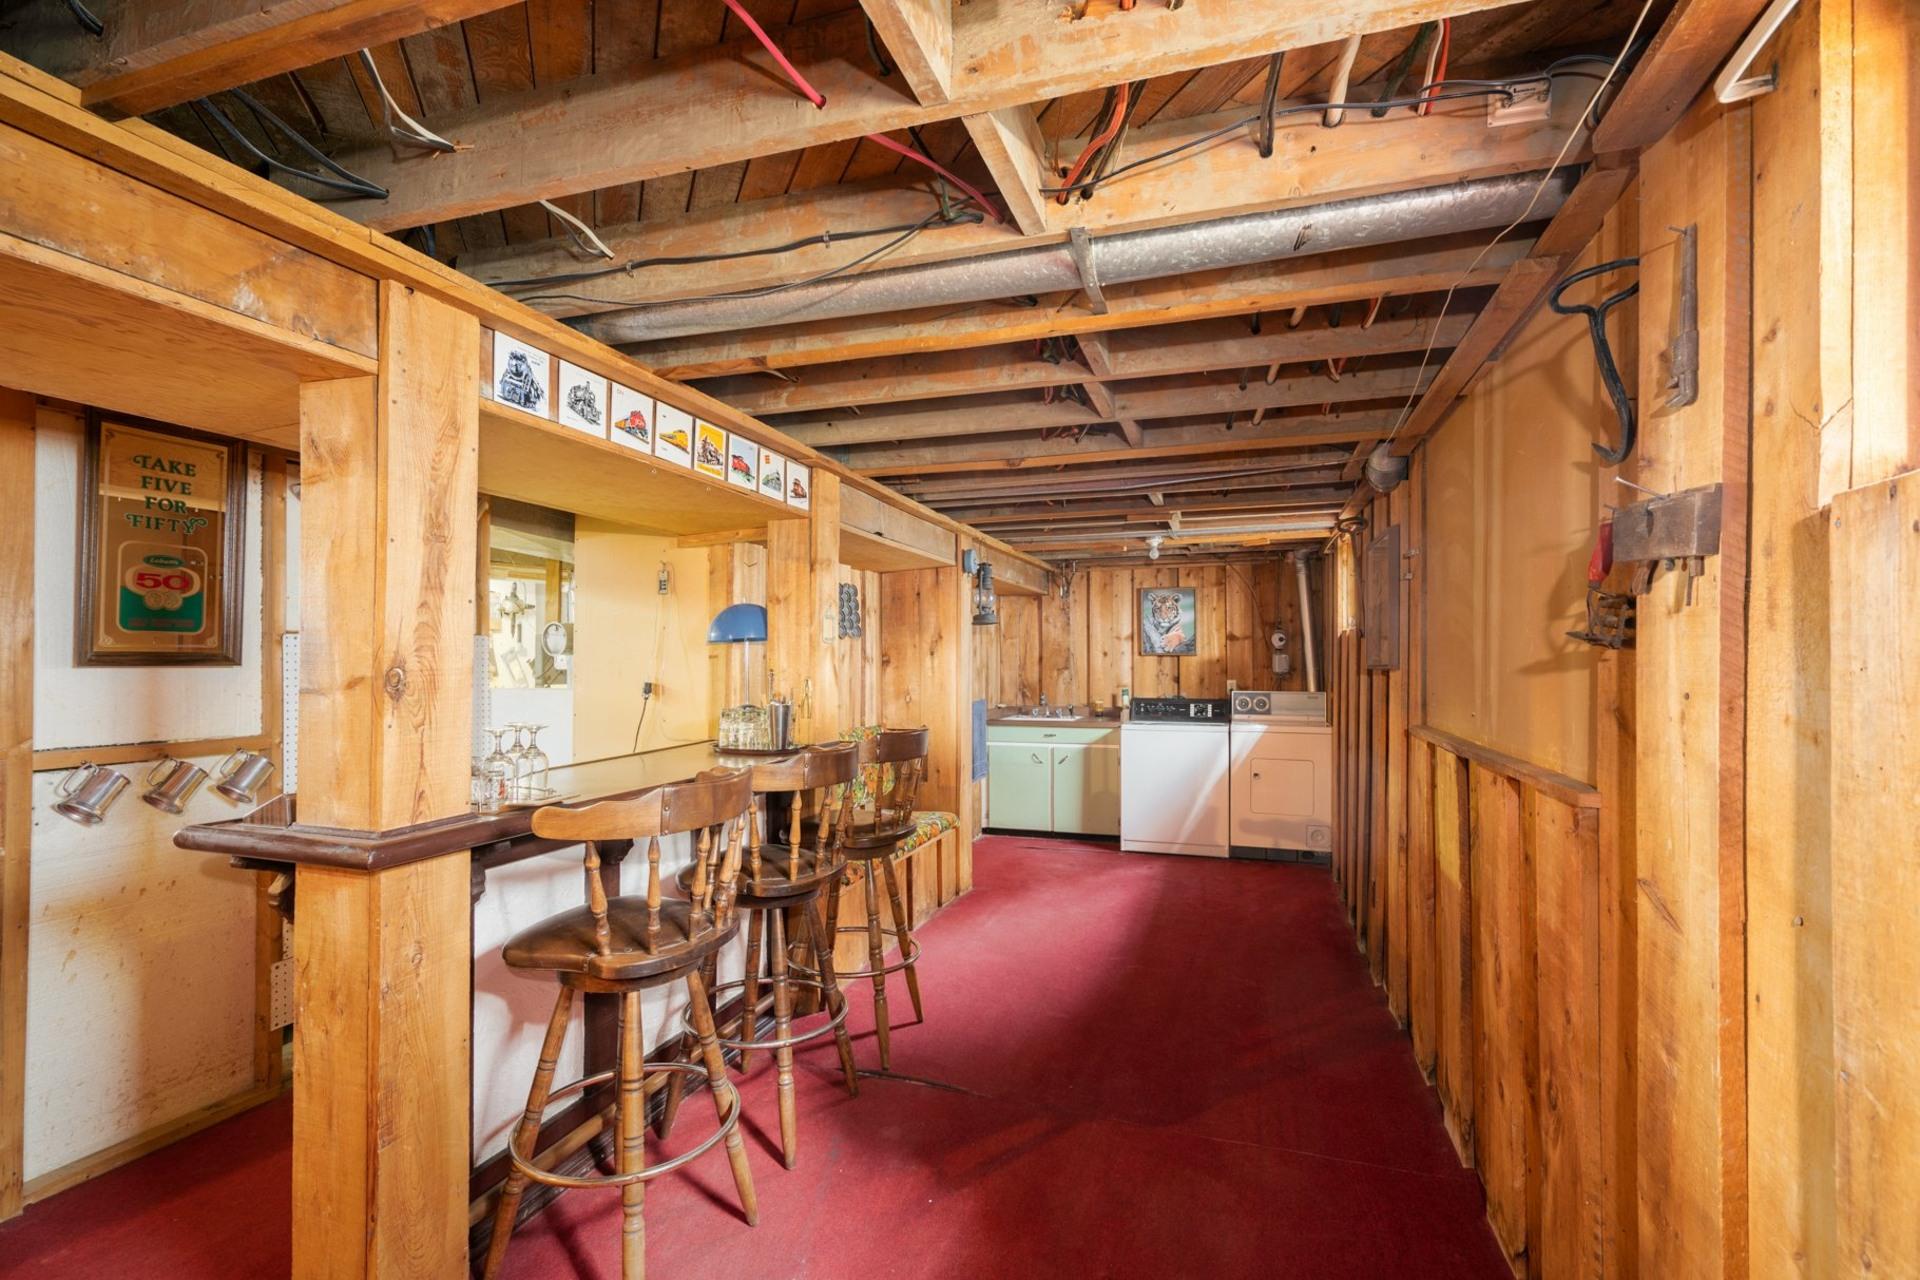 image 13 - House For sale Saint-Laurent Montréal  - 9 rooms